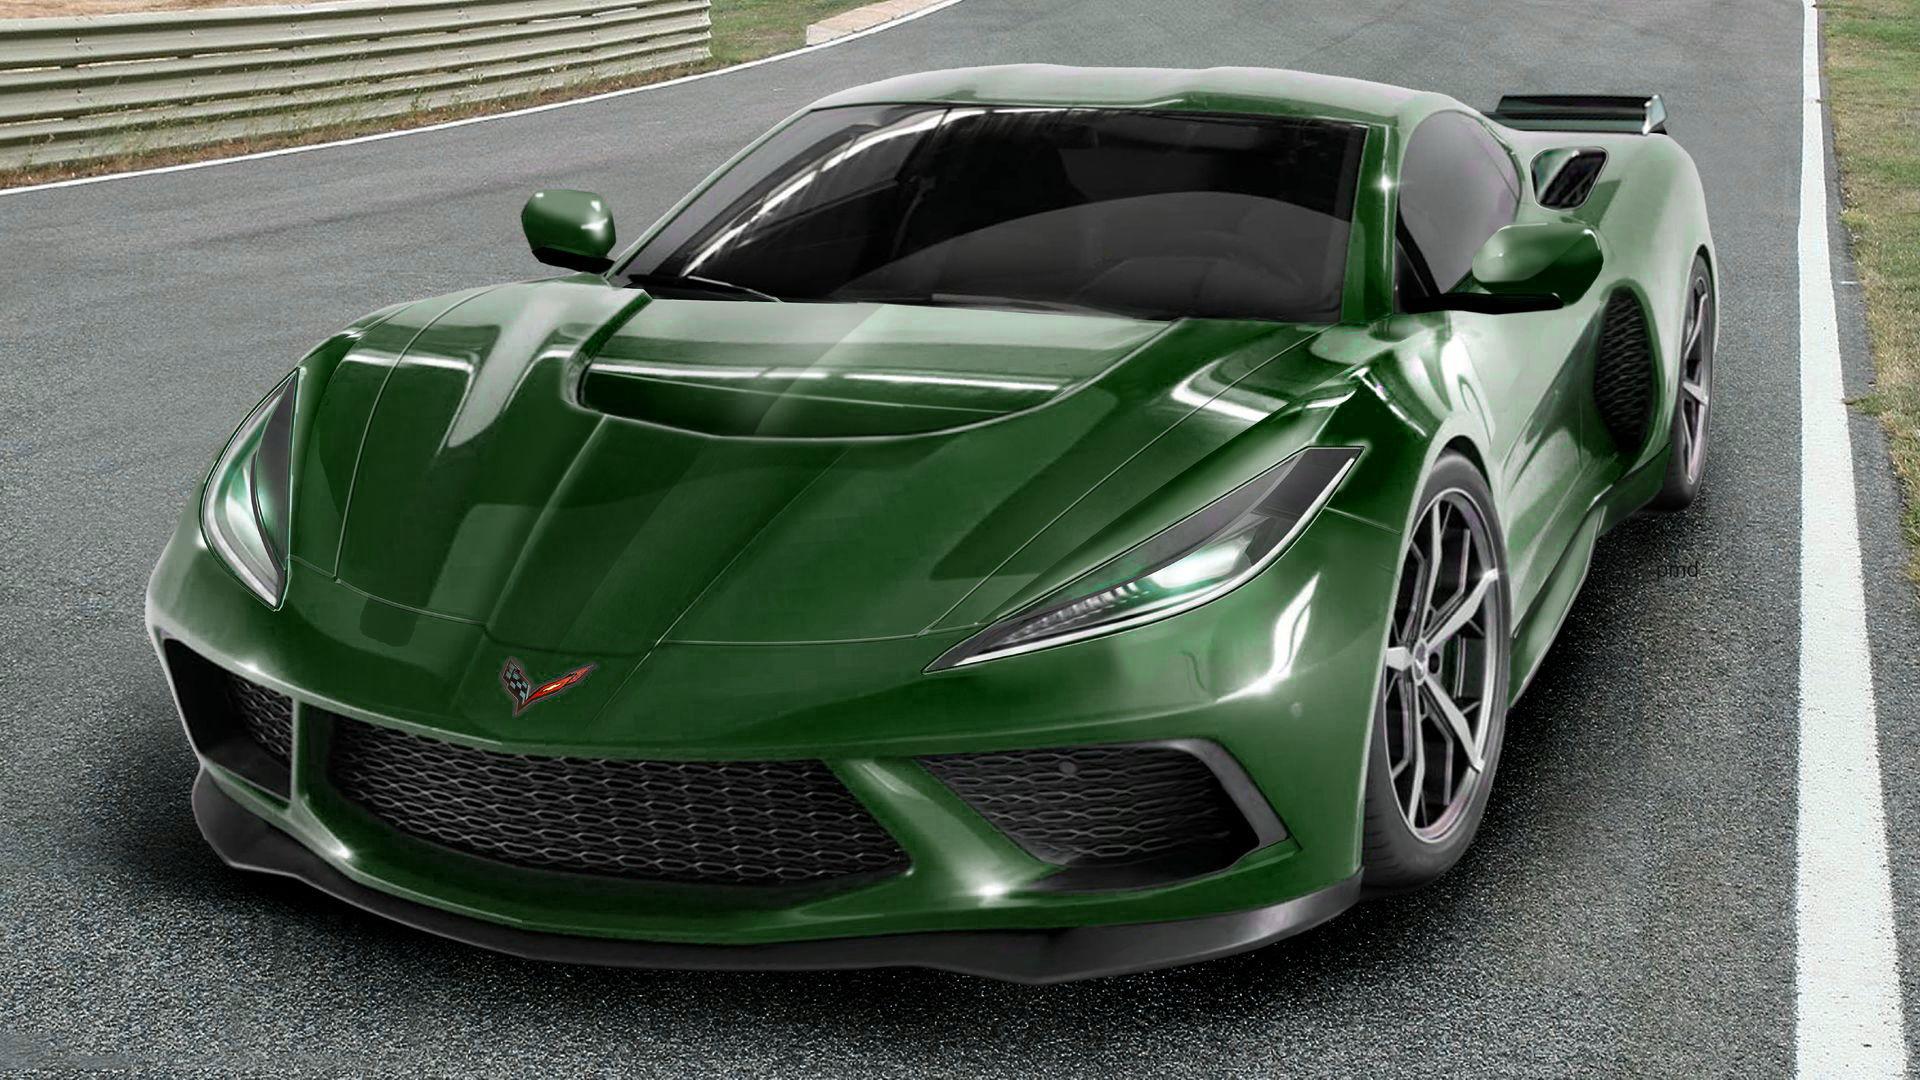 2020 c8 - mid engine corvette - best guess renderings